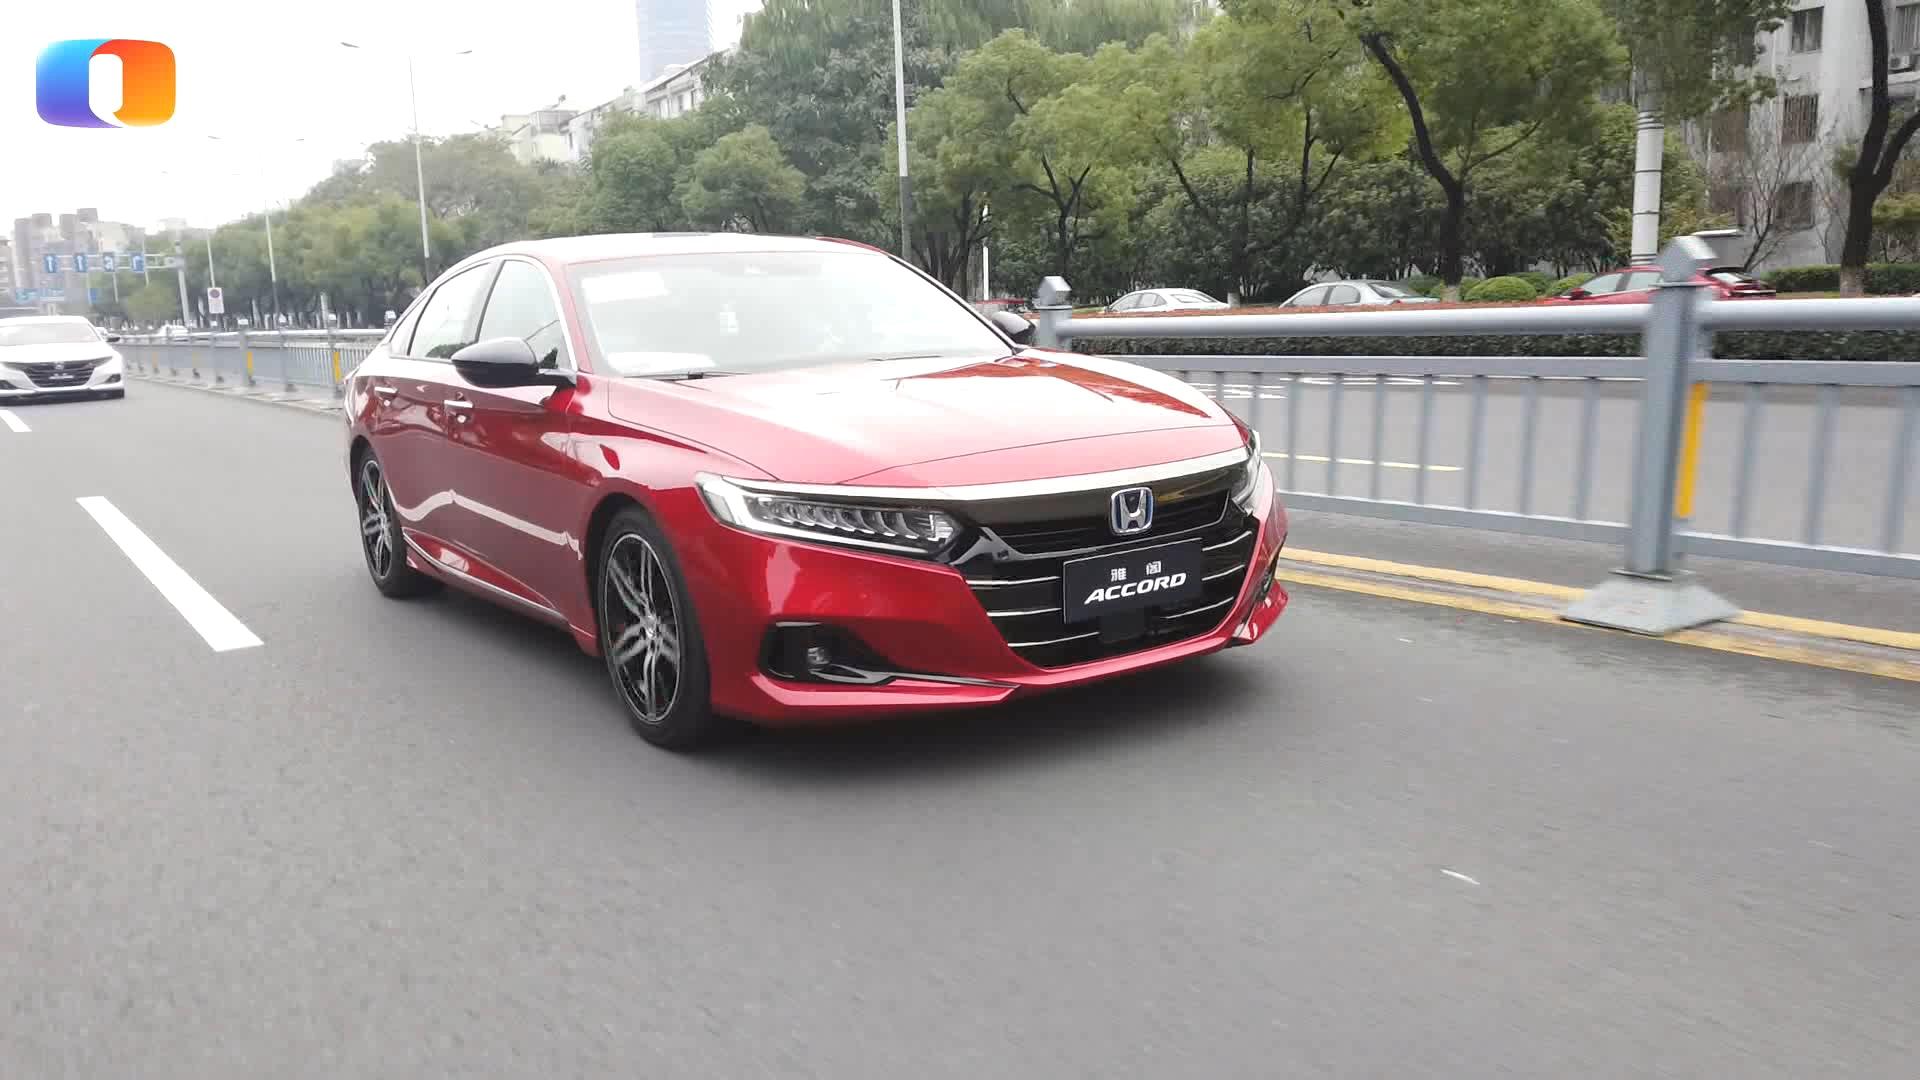 视频:姑苏城下试驾全新雅阁 体验中高级轿车智能科技新价值